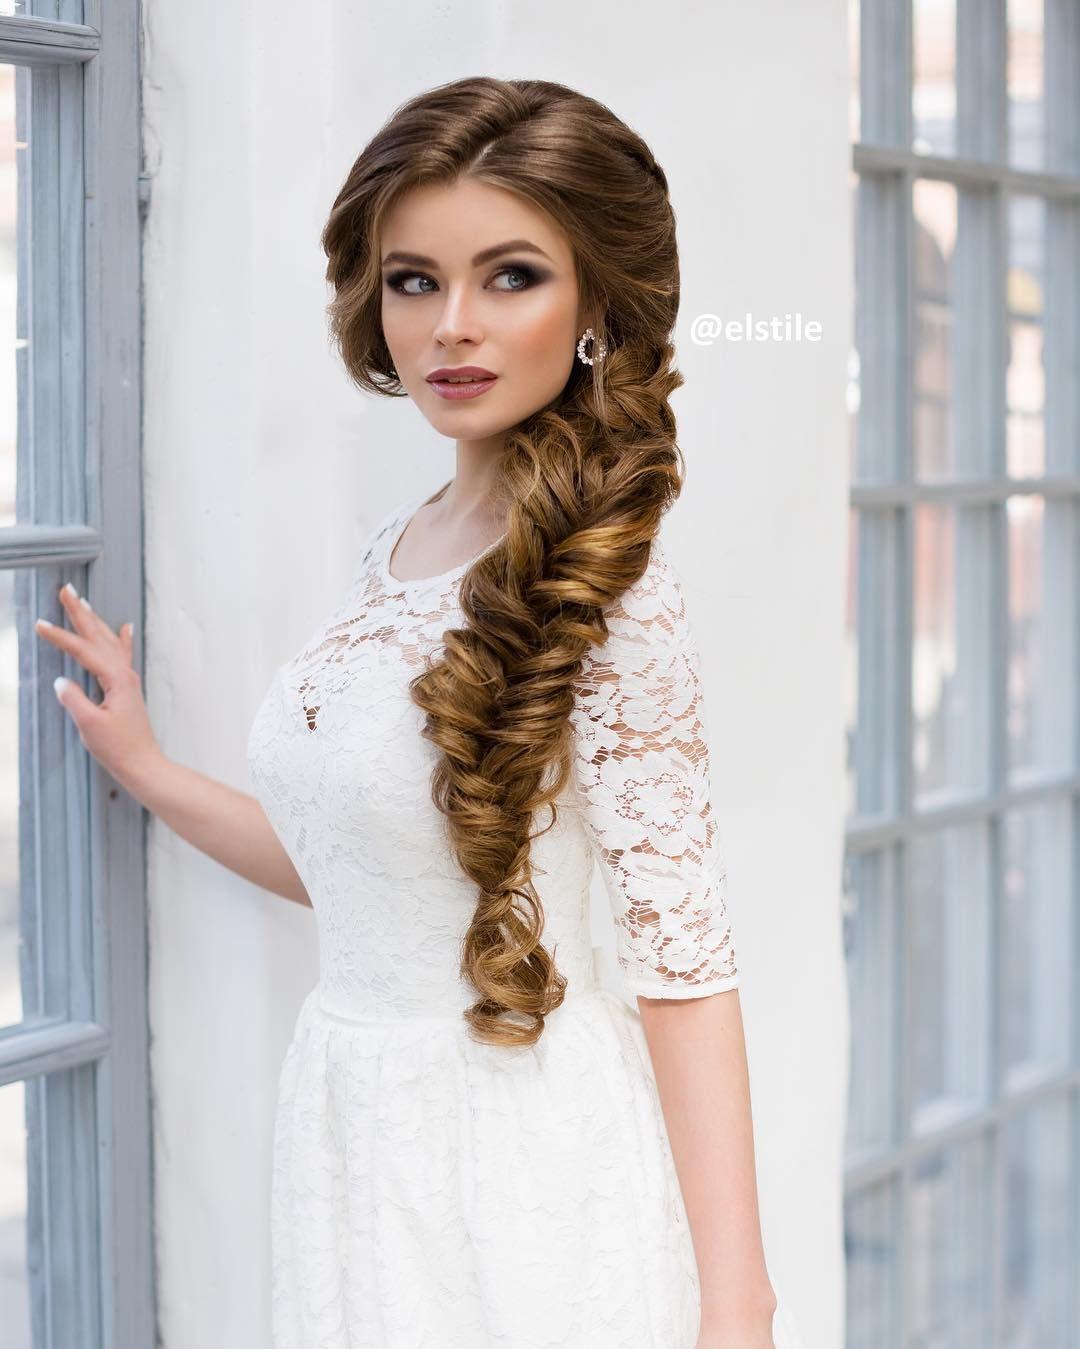 ELSTILE Fishtail wedding hairstyle - Deer Pearl Flowers / http://www.deerpearlflowers.com/wedding-hairstyle-inspiration/elstile-fishtail-wedding-hairstyle/